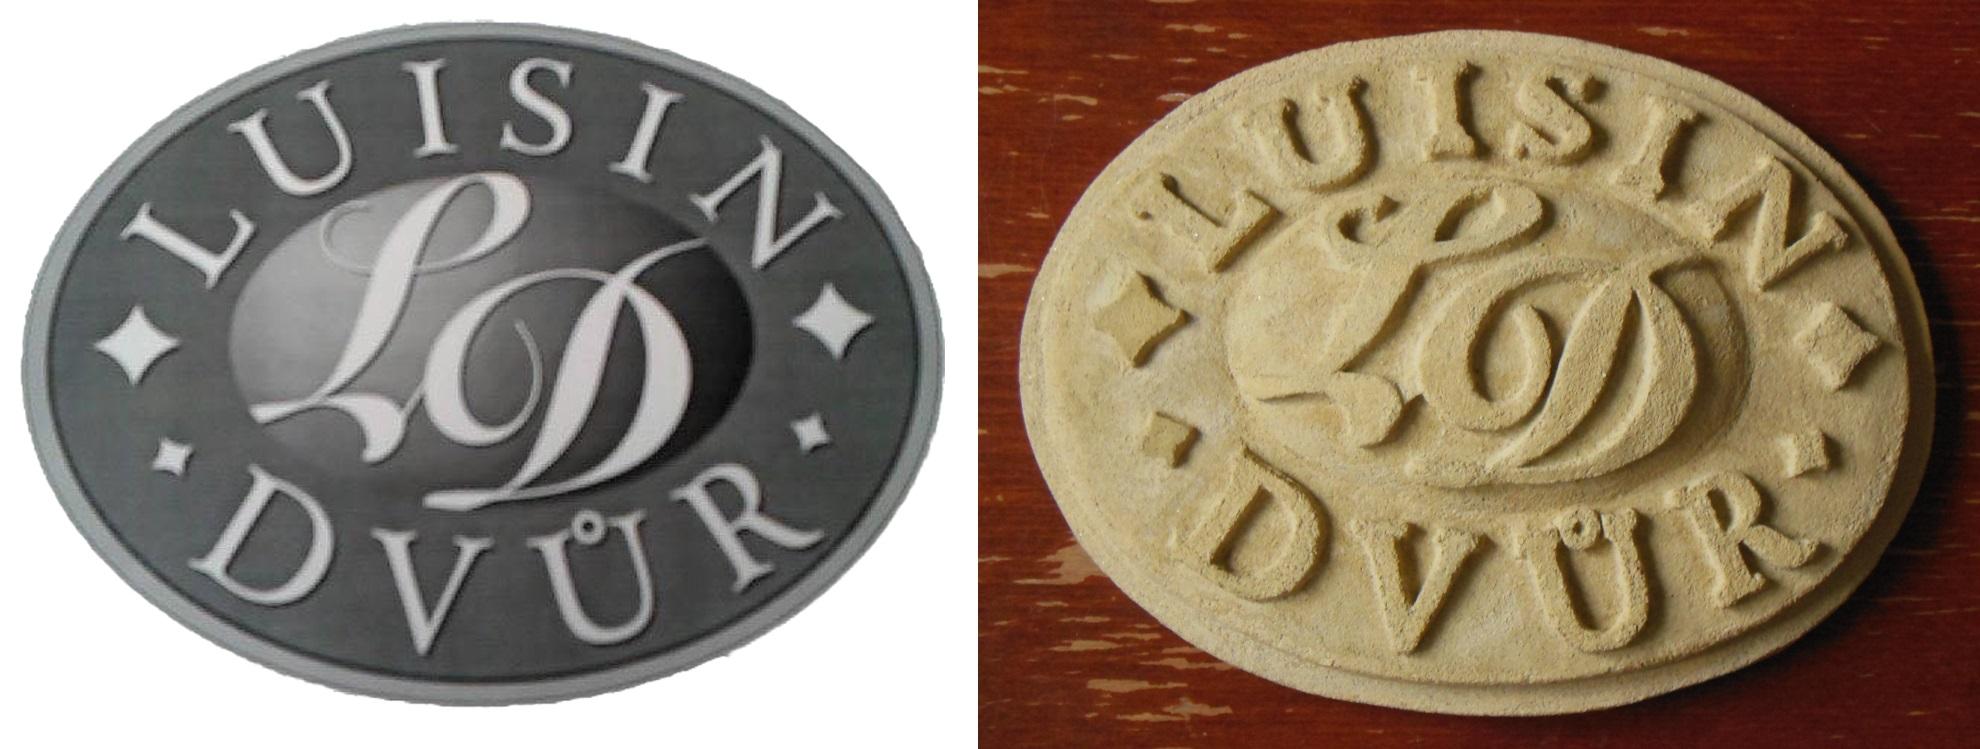 Luisin Dvur logo